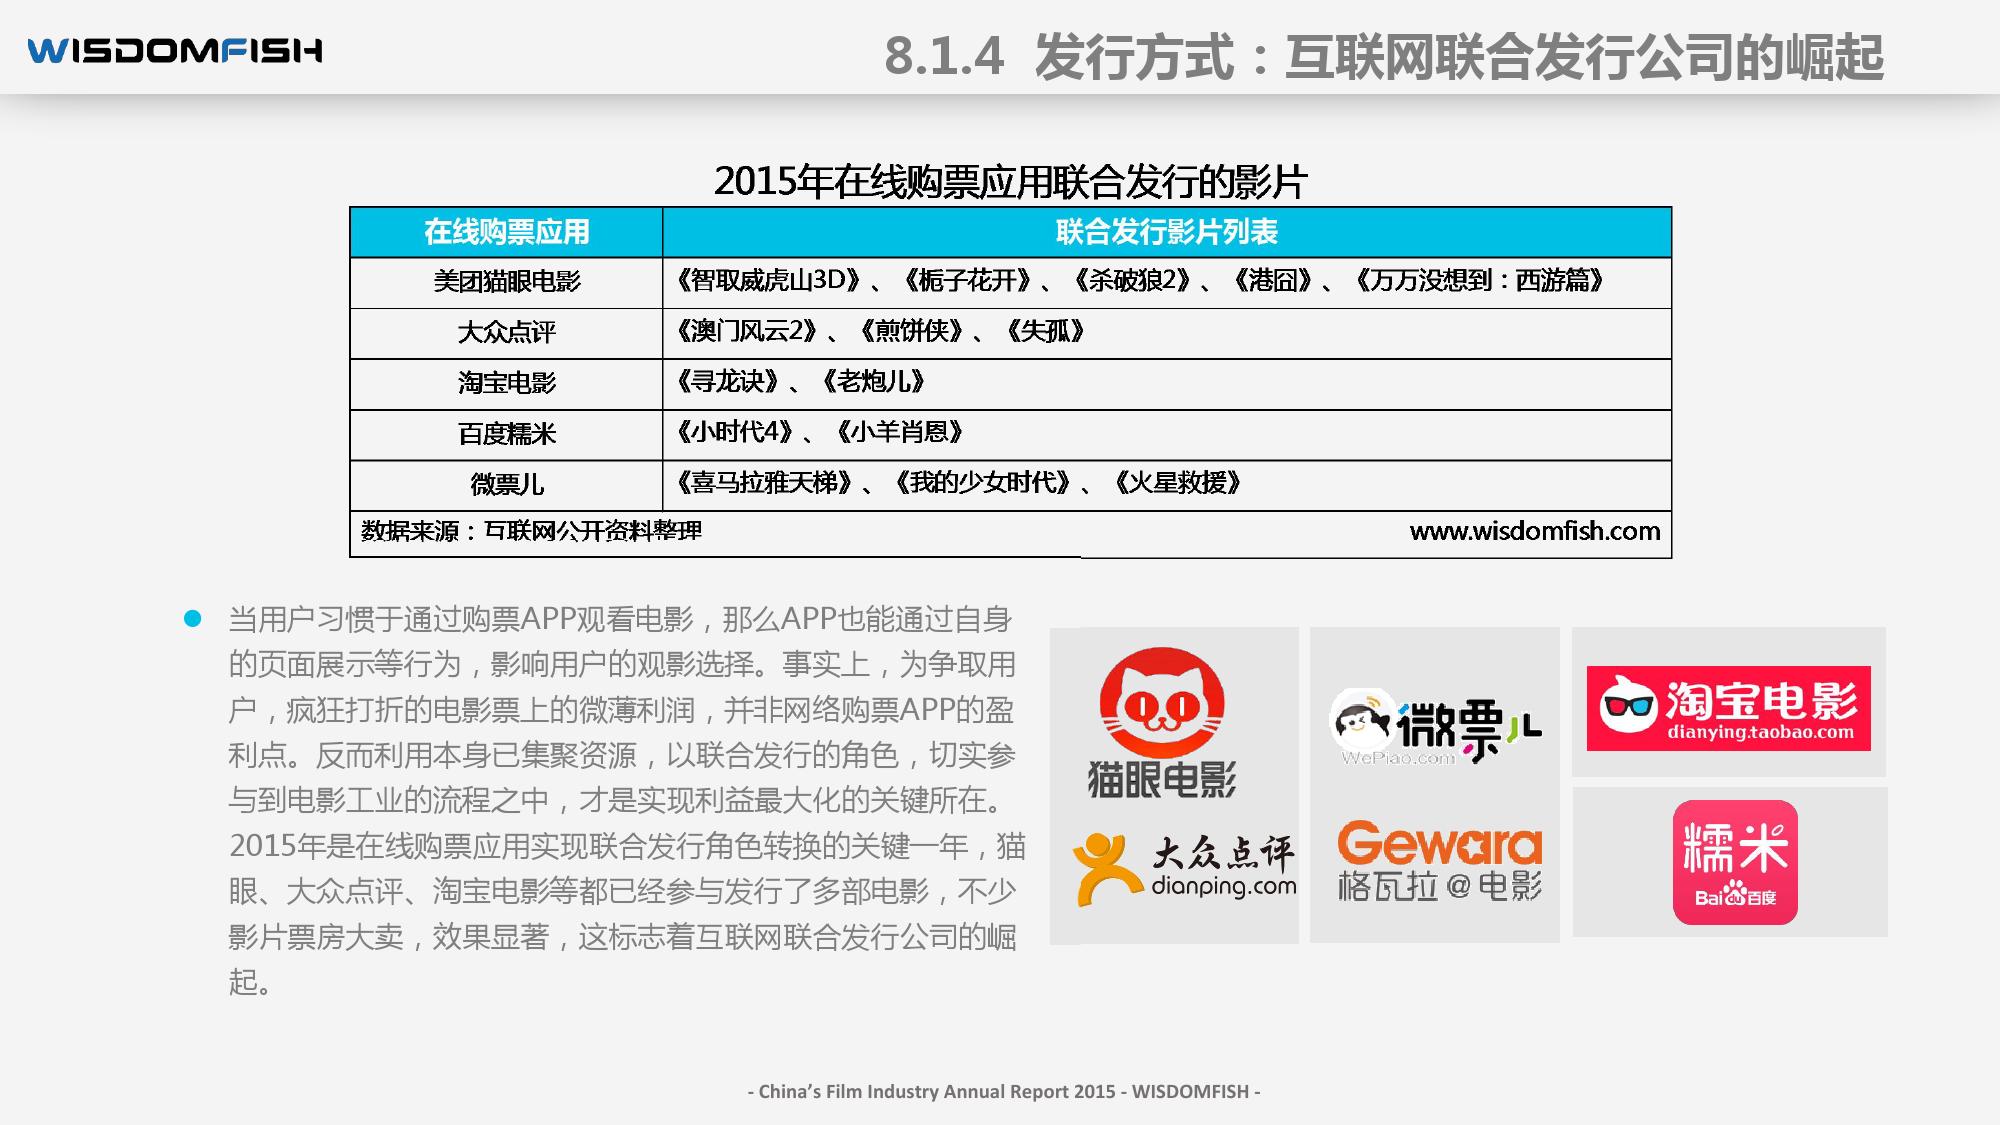 2015年度中国电影产业报告_000107